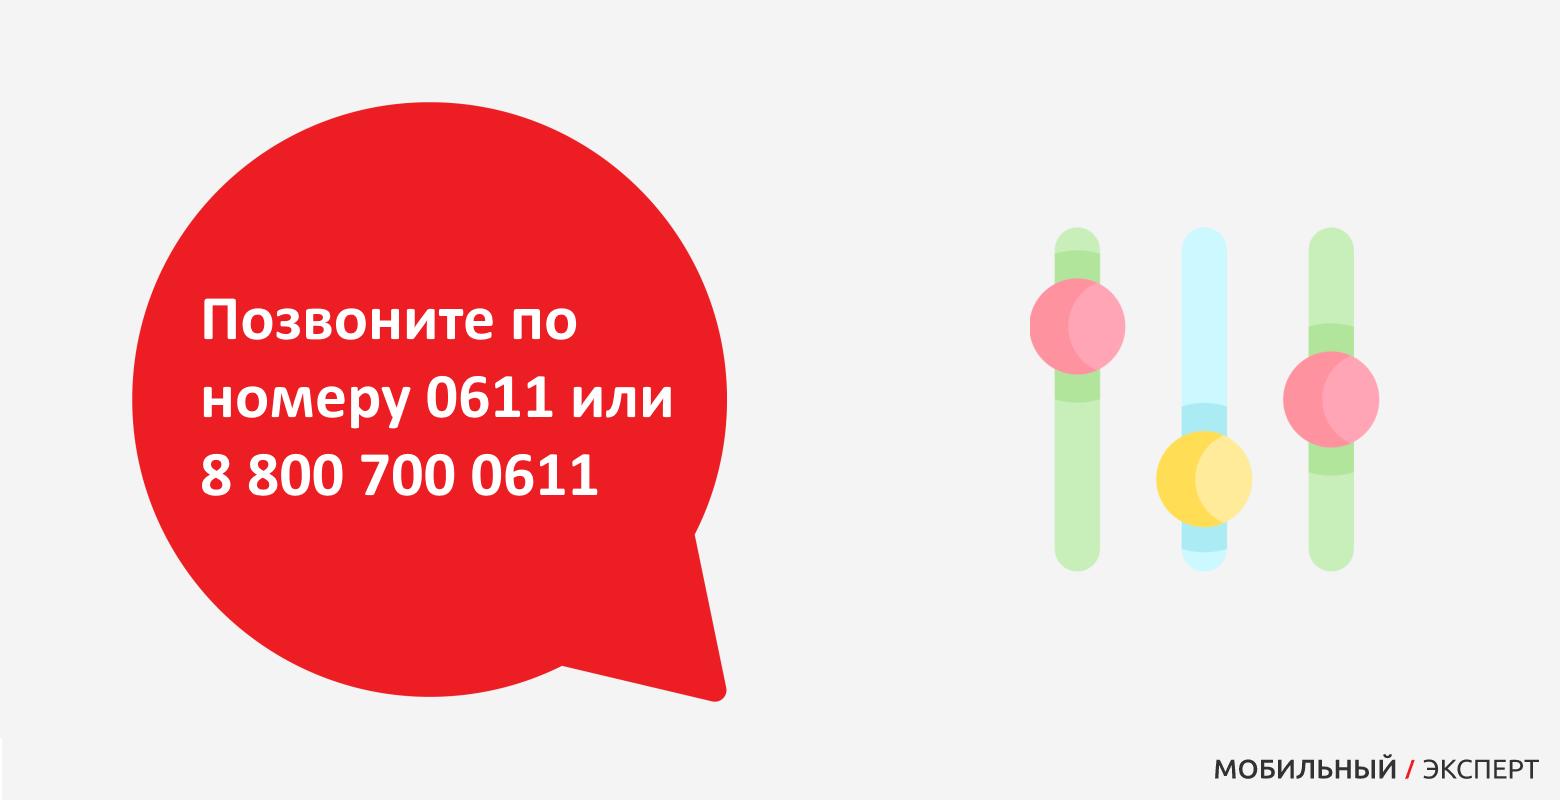 Позвоните по номеру 0611 или 8 800 700 0611